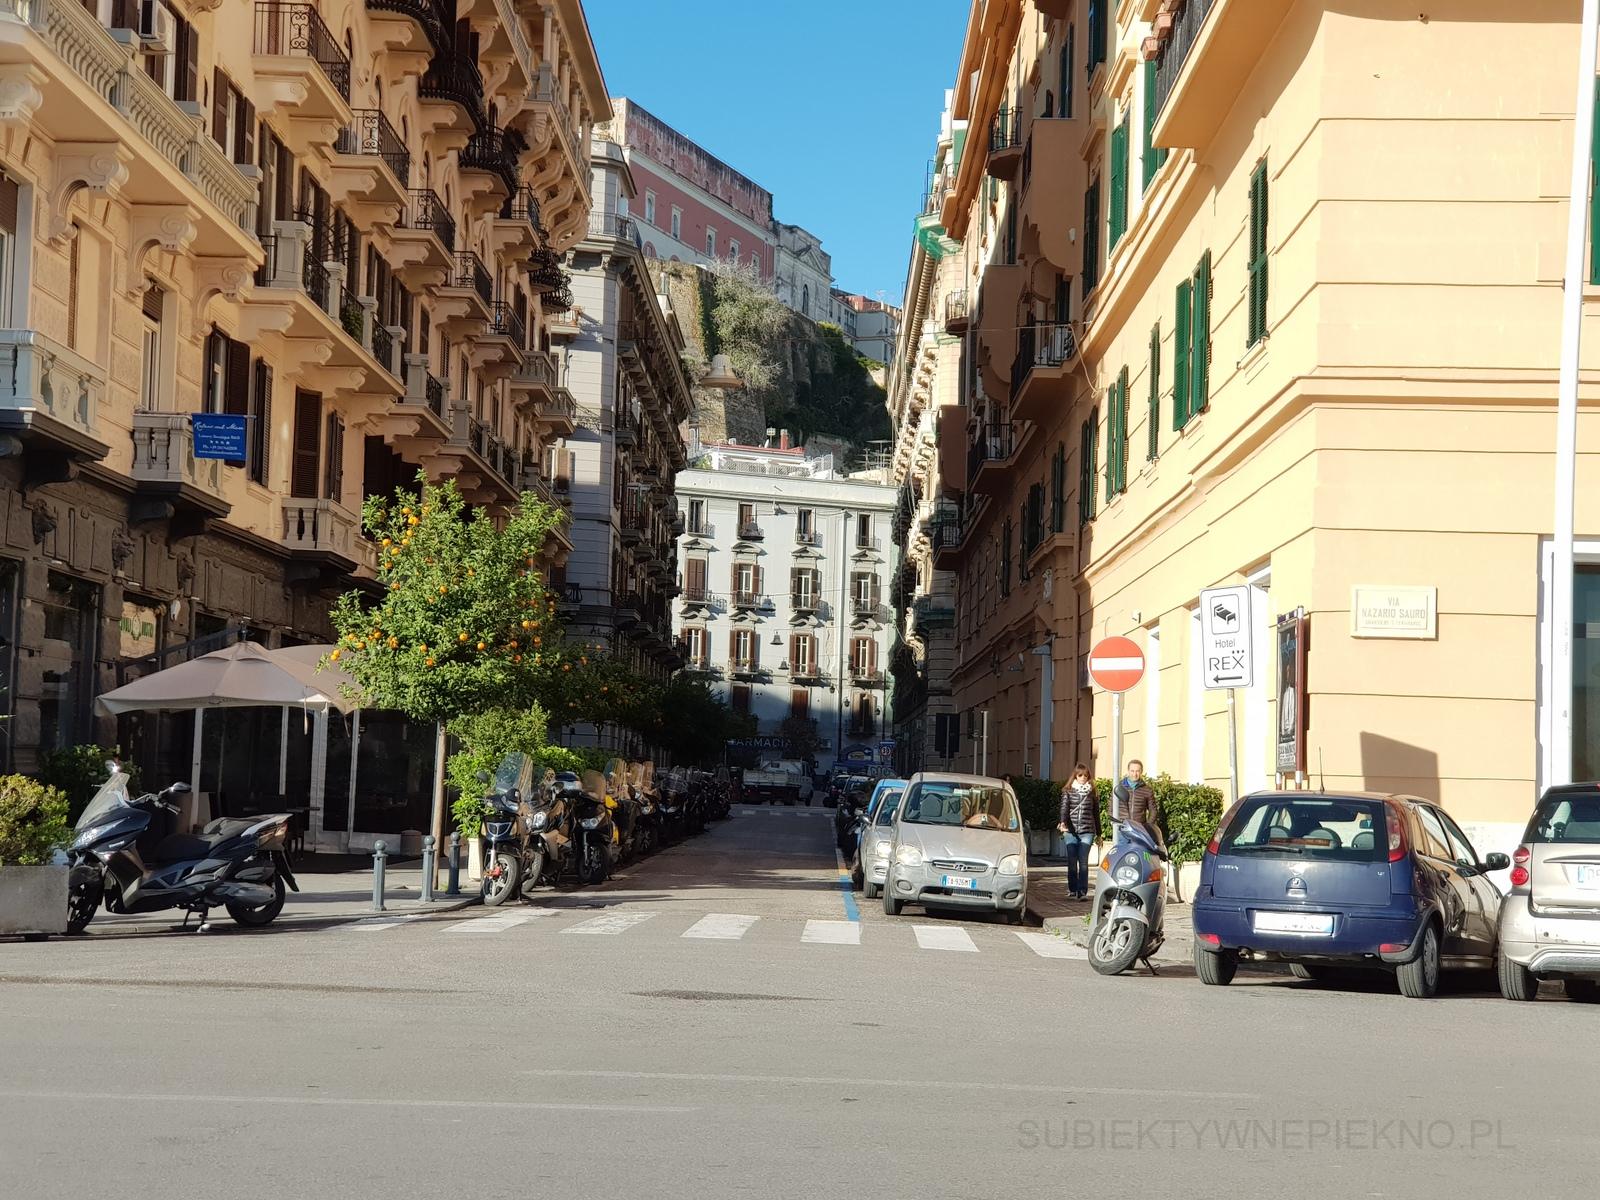 Neapol Włochy zimą - wąkie uliczki i mandarynki na drzewach